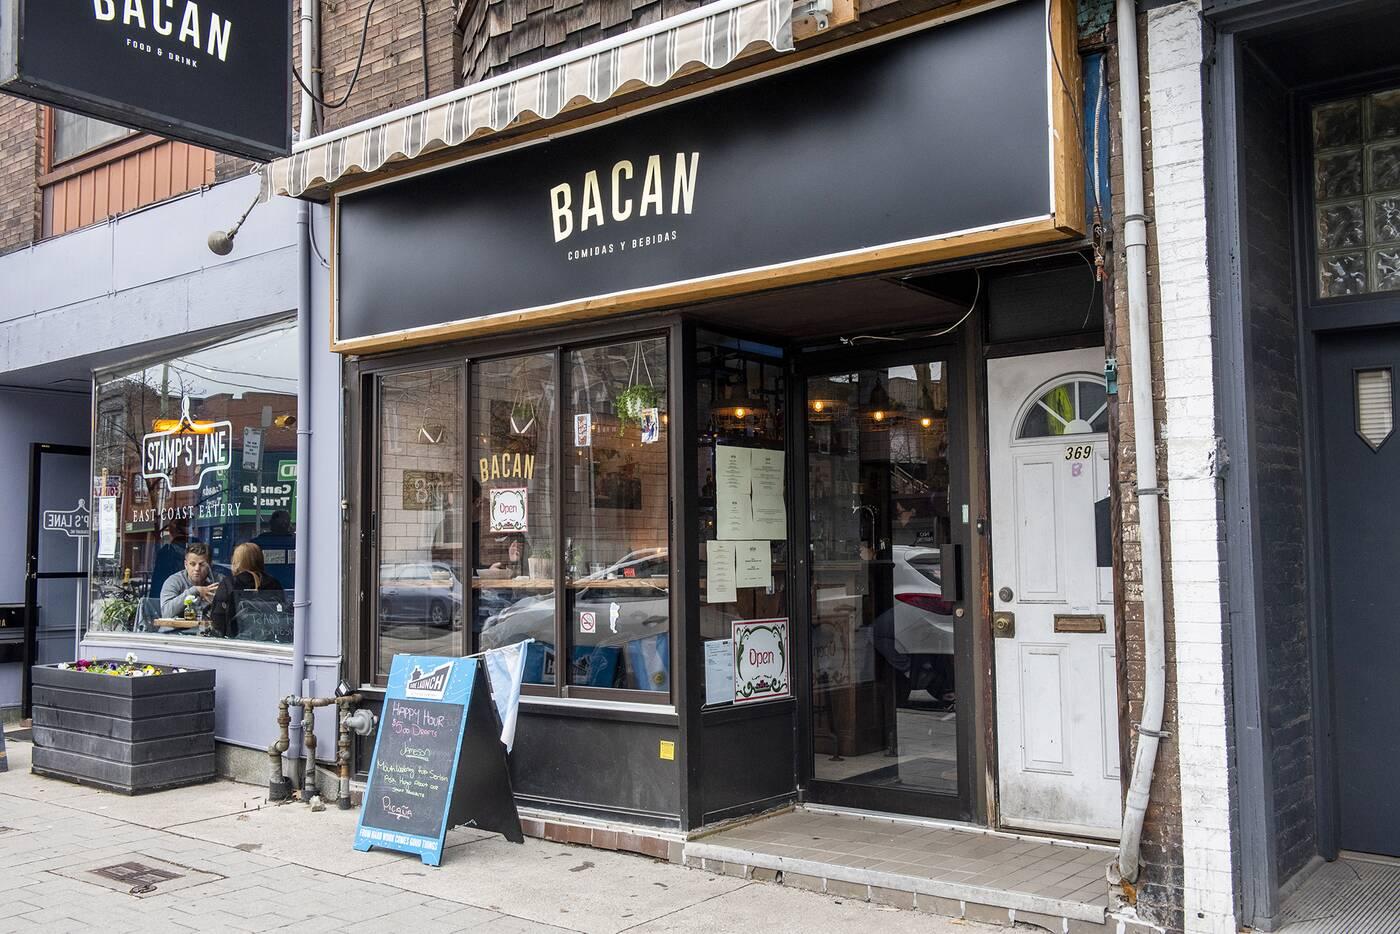 Bacan Toronto